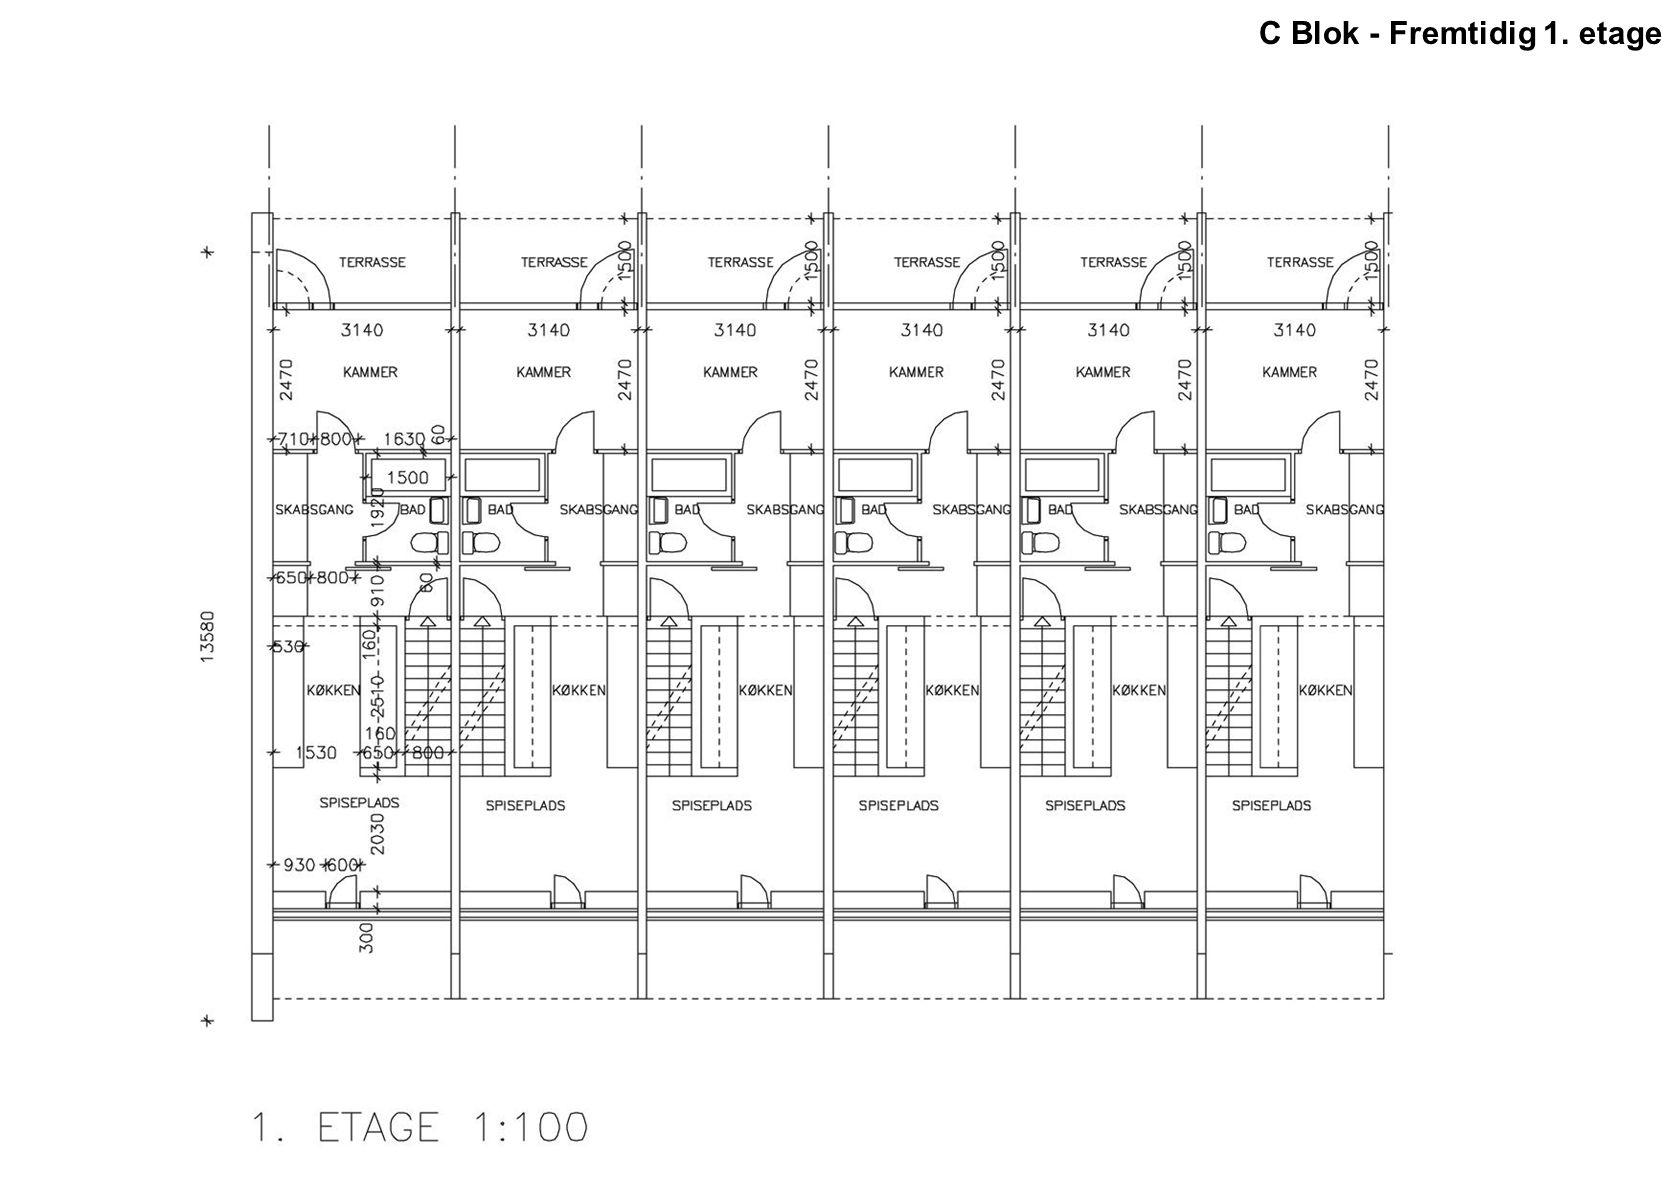 C Blok - Fremtidig 1. etage